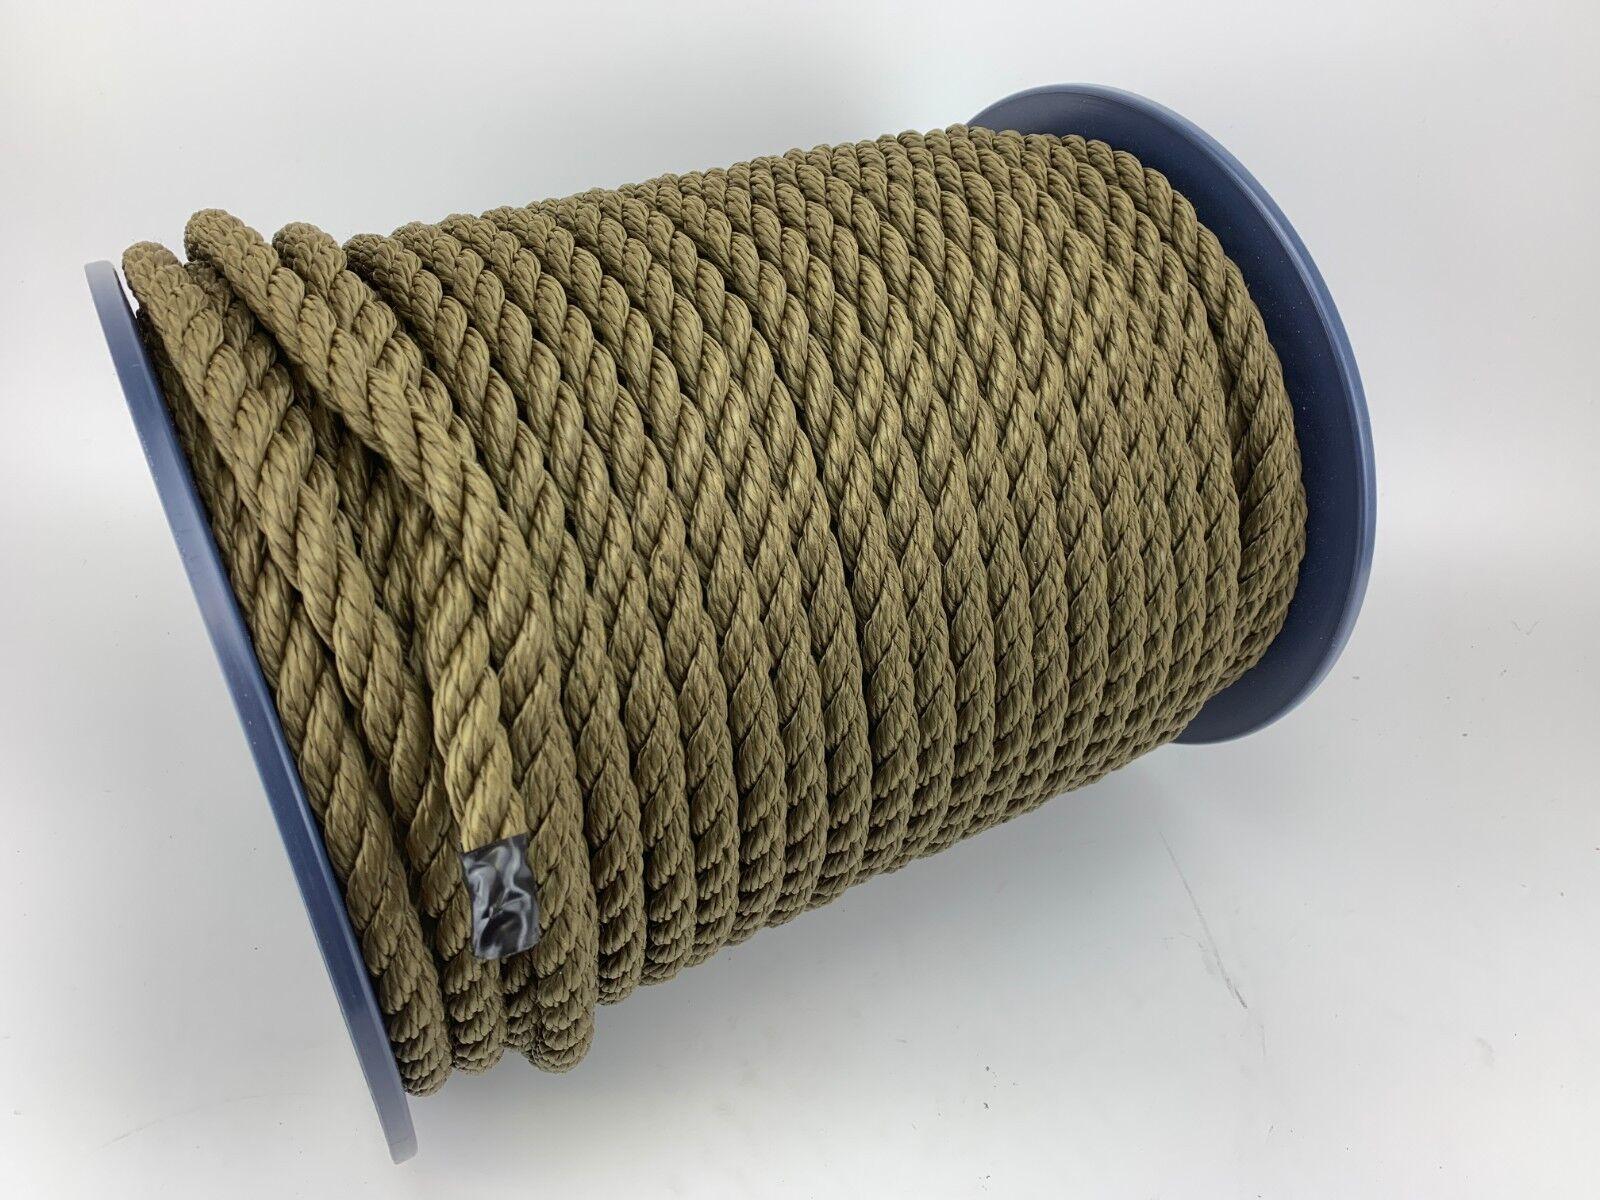 14mm Olive Khaki Softline Rope x 50 Metre Reel, Floating Mooring Lines Yacht